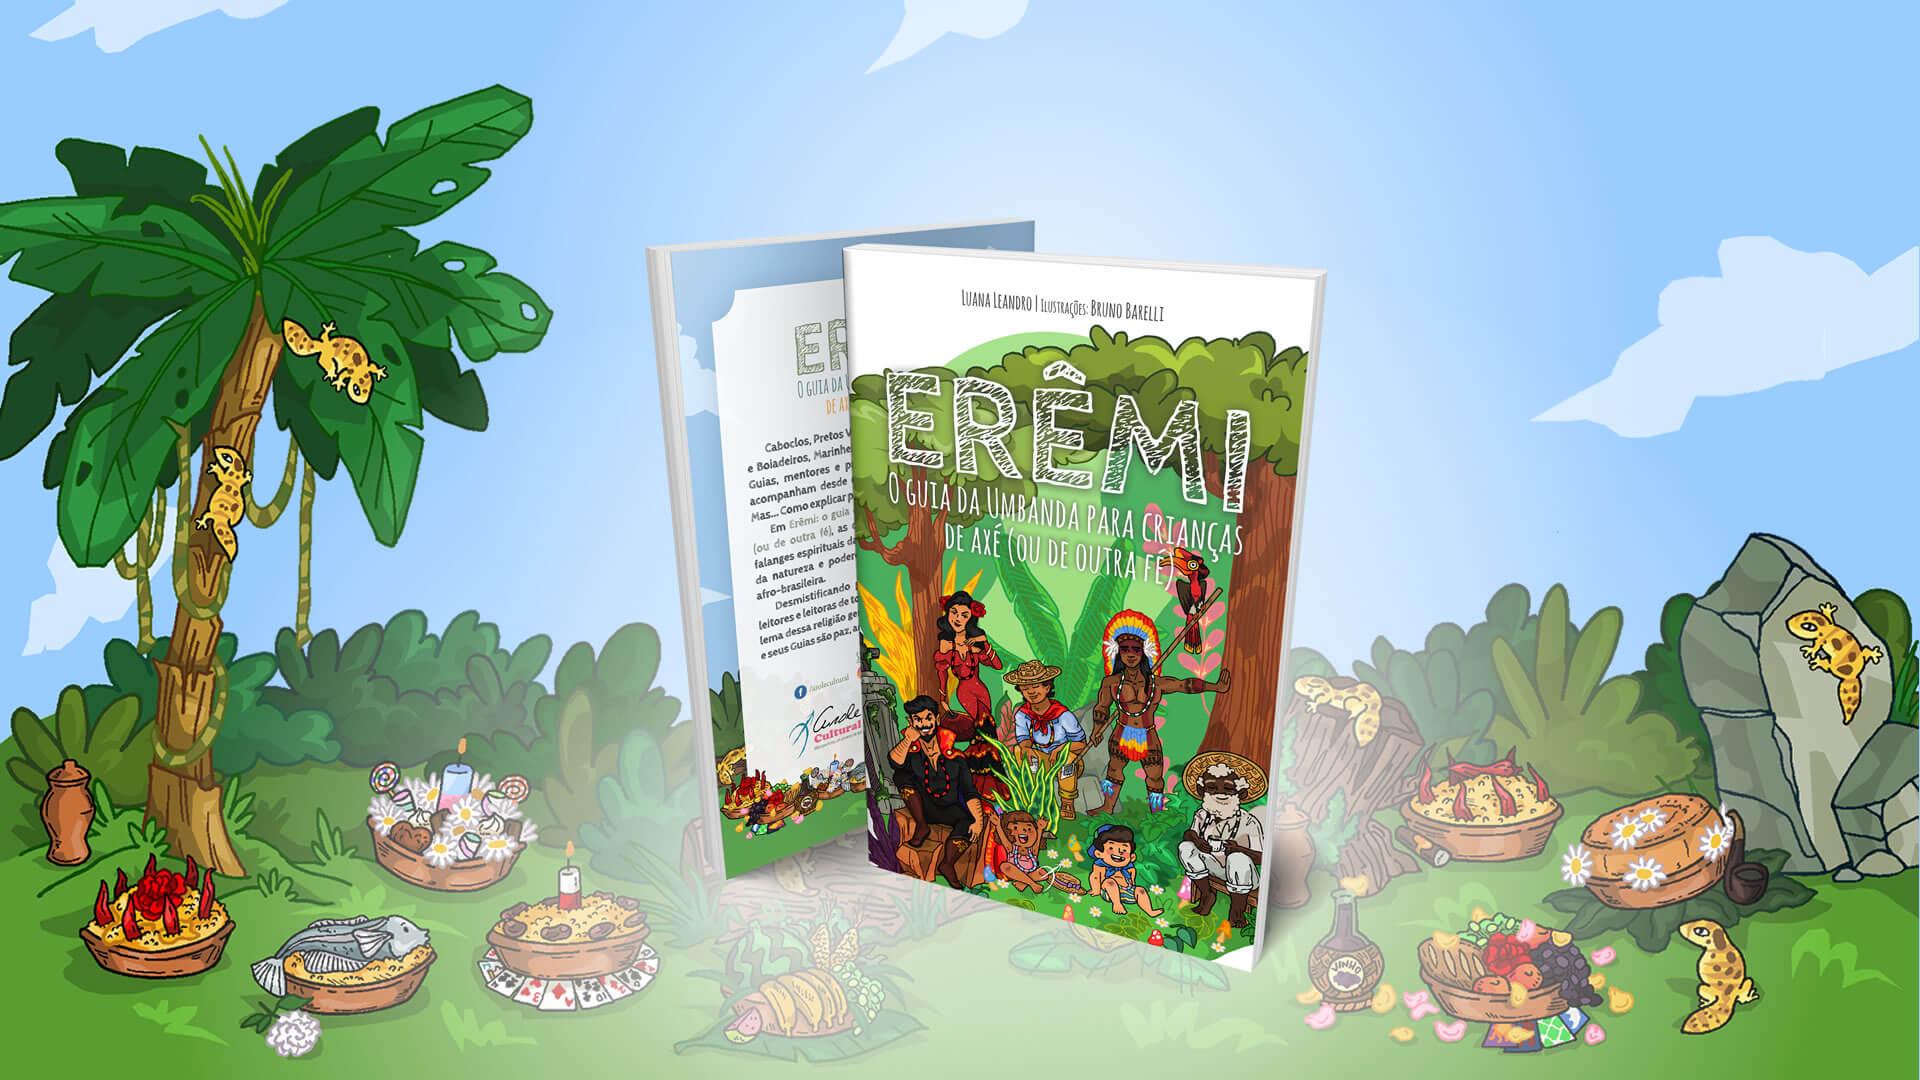 Umbanda Para Crianças | No Guia da Umbanda para Crianças de Axé (ou de outra fé) os pequenos e pequenas conhecerão os Guias Espirituais que nos protegem durante a vida!